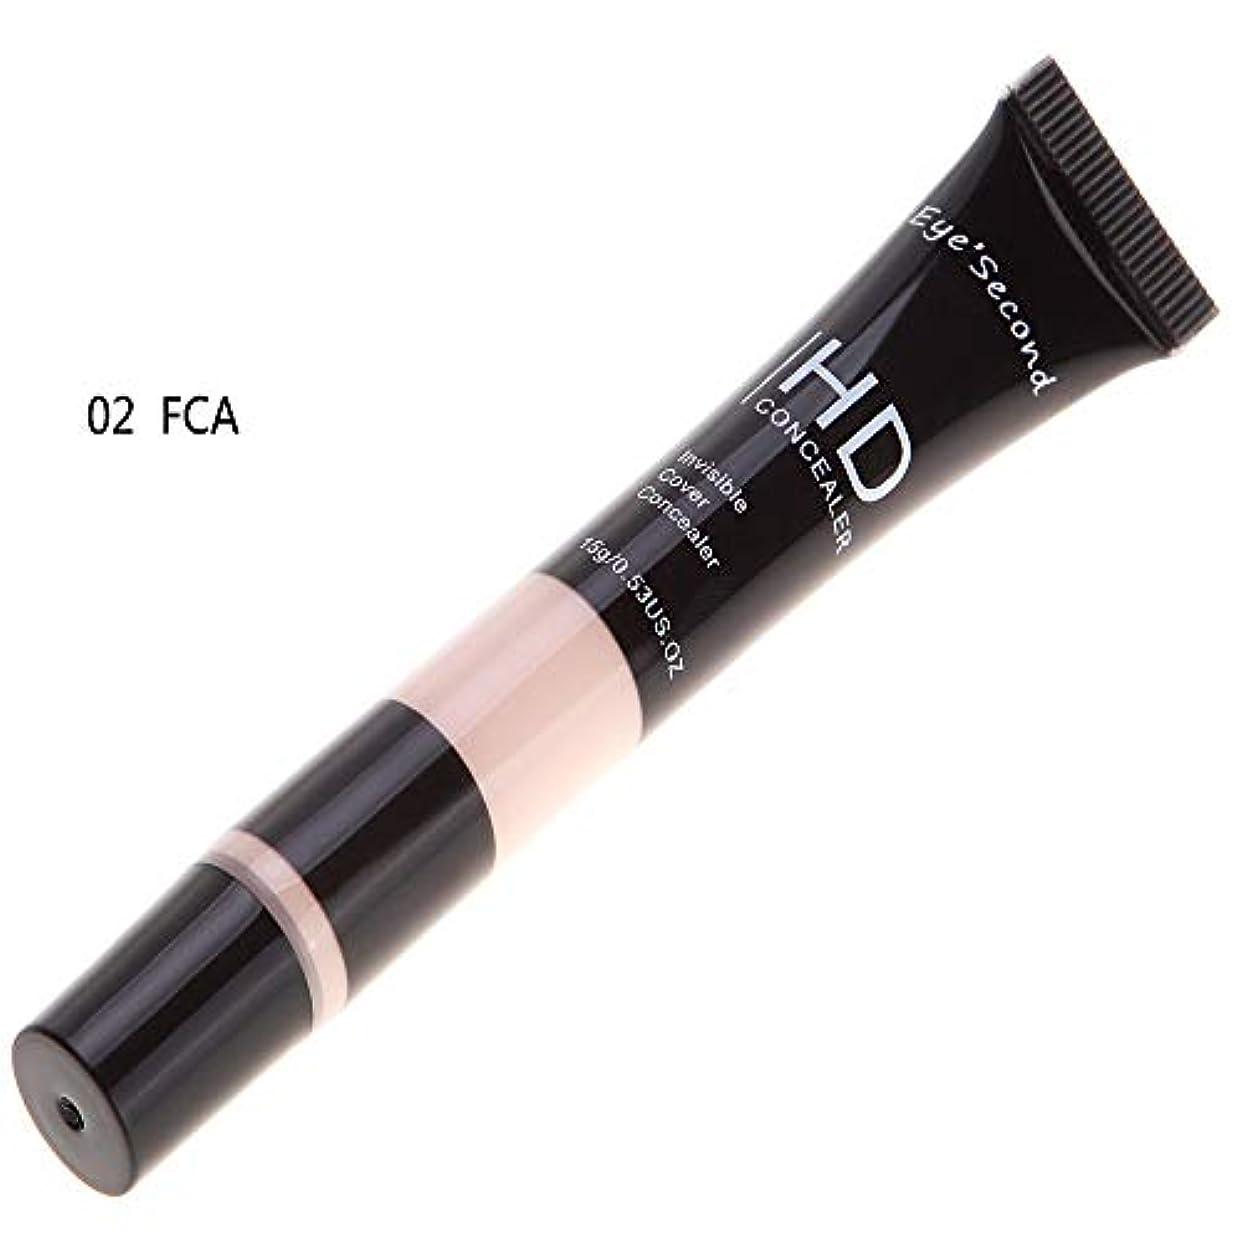 地雷原類似性チャップコンシーラー フラットヘッド ホース 保湿 ホワイトニング カバーパーフェクション チップ 化粧品 上質 滑らかな風合い